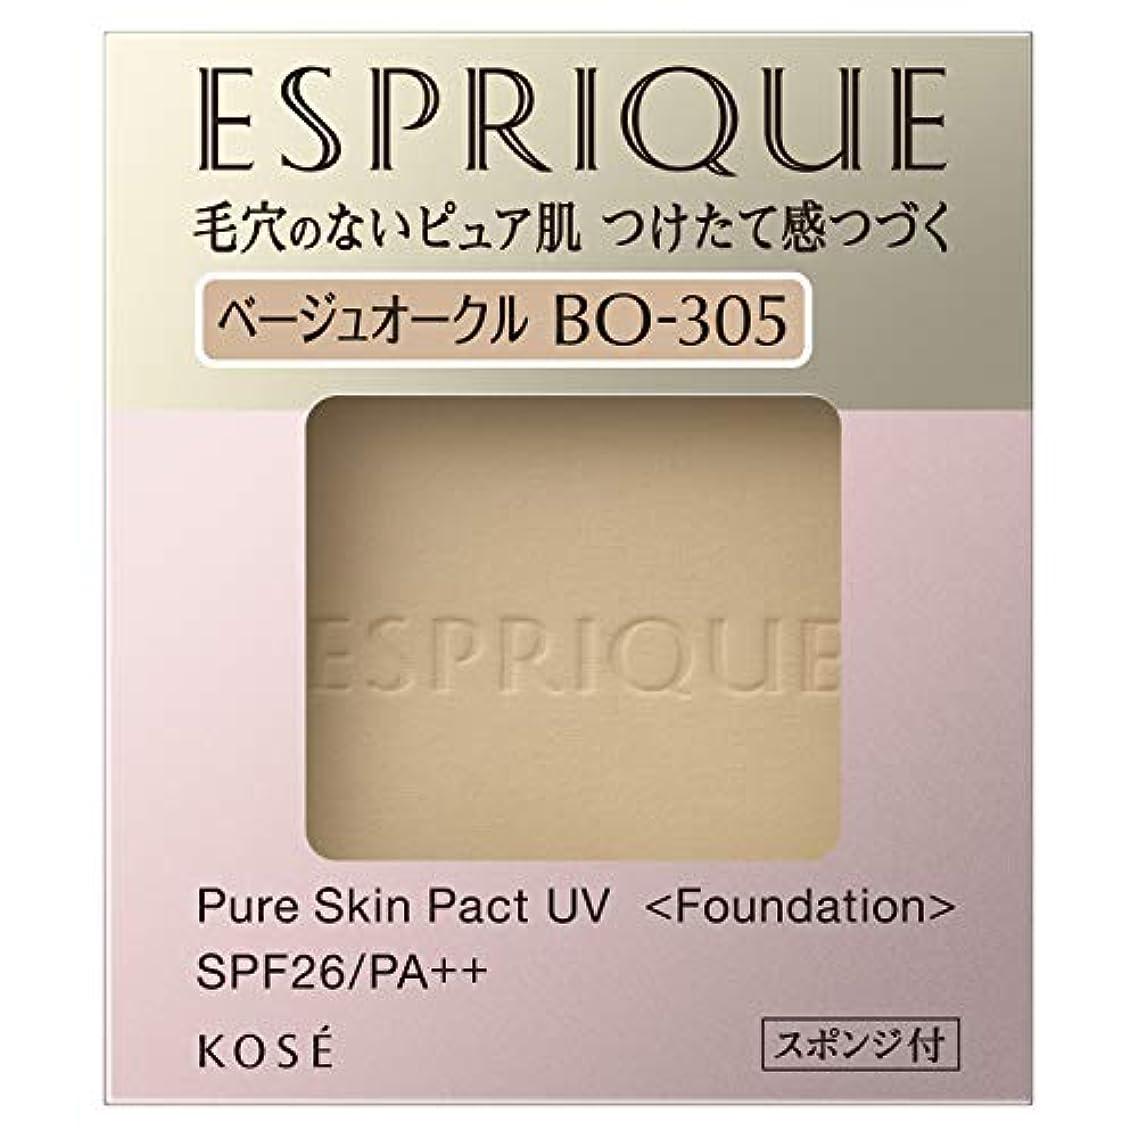 エスプリーク ピュアスキン パクト UV BO-305 ベージュオークル 9.3g